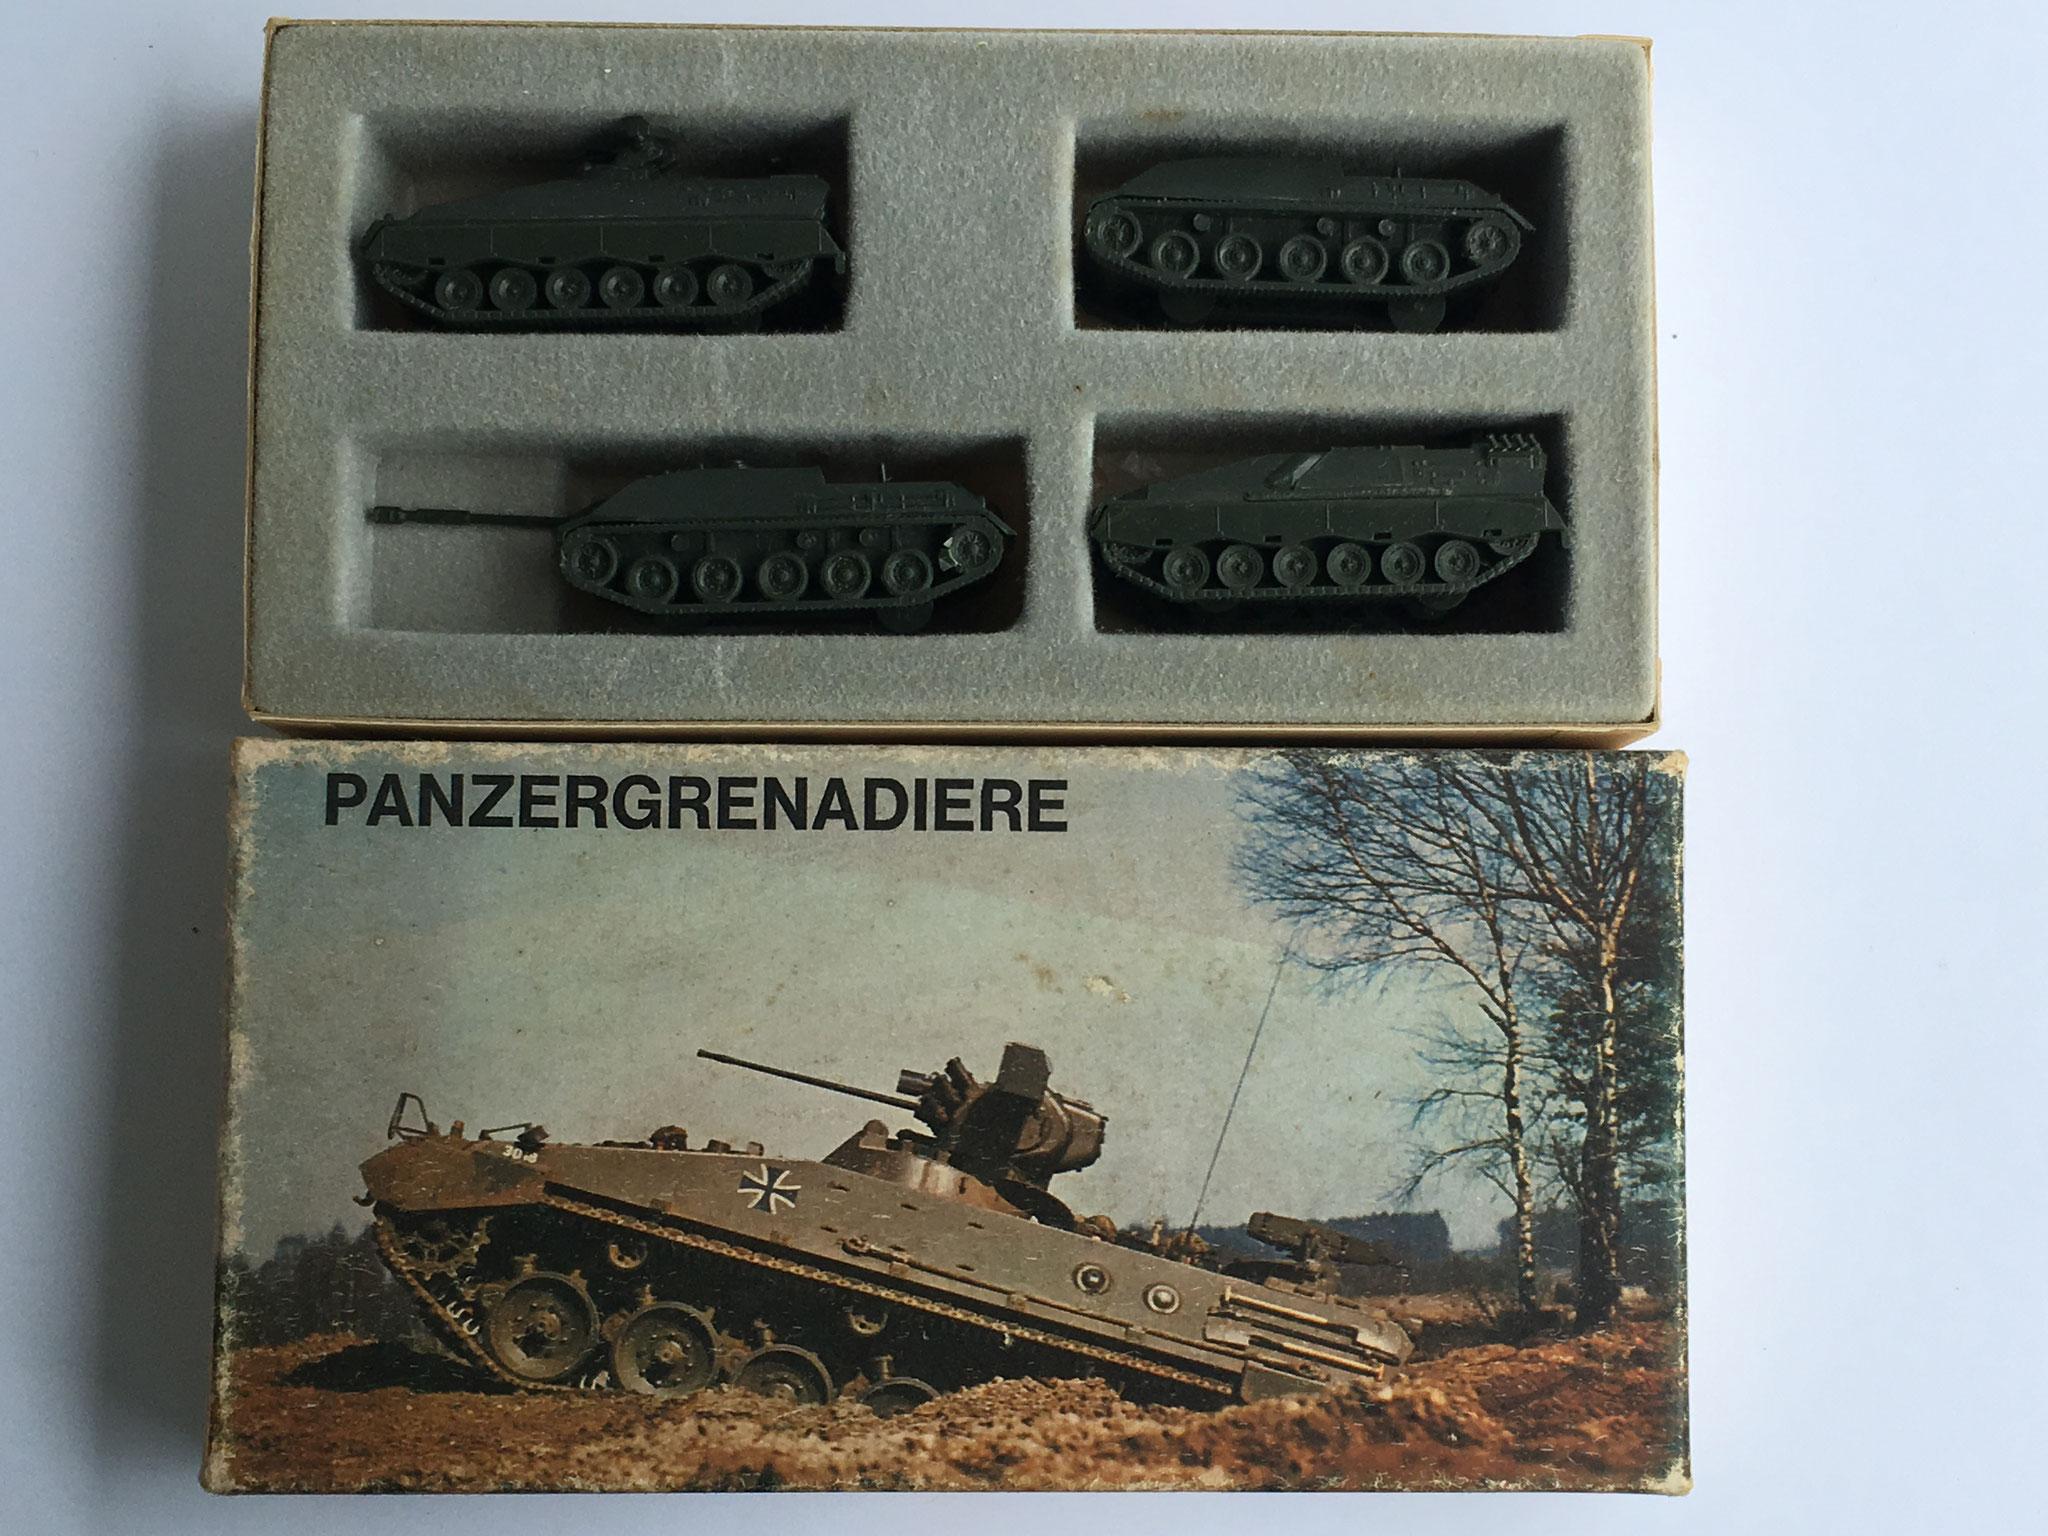 Geschenkpackung Panzergrenadiere, Art. Nr. 601 (ab 1971 im Programm)